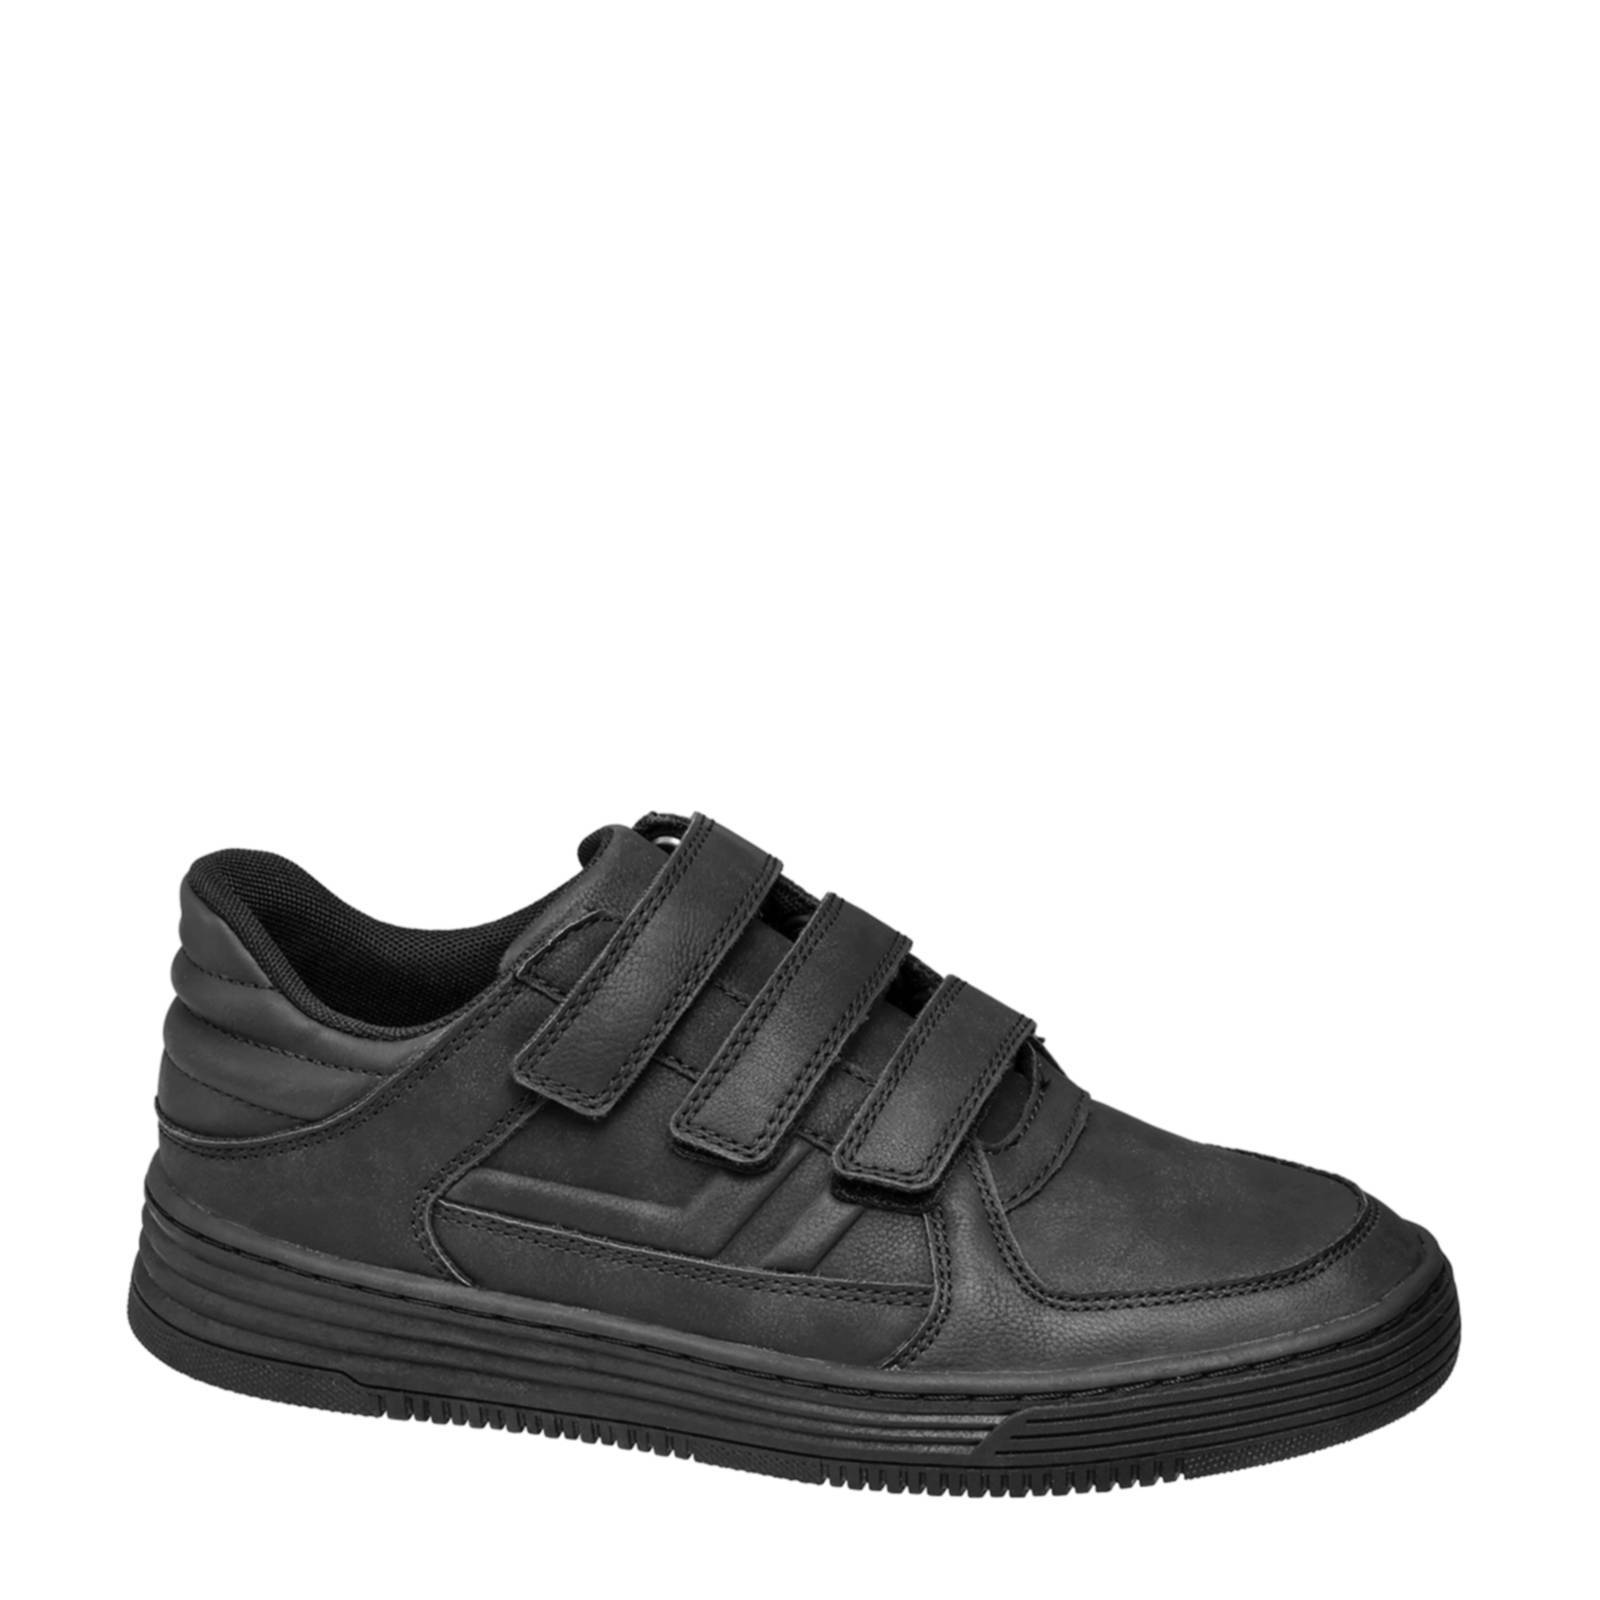 Sneakers Wehkamp Agaxy Haren Vanharen Van wng0AqUOO